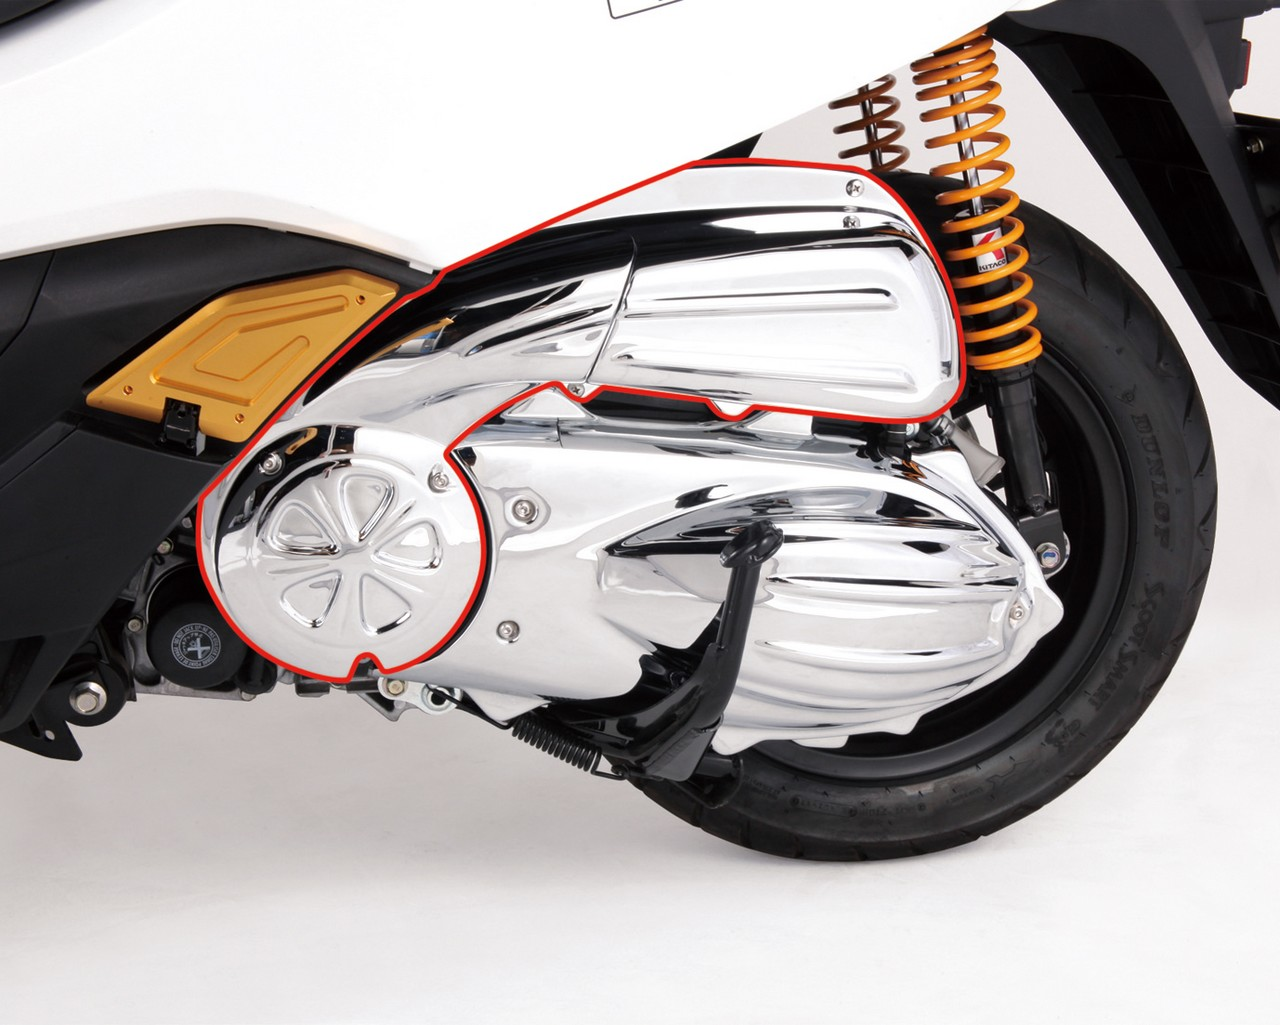 【KITACO】空氣濾清器&管飾蓋 - 「Webike-摩托百貨」